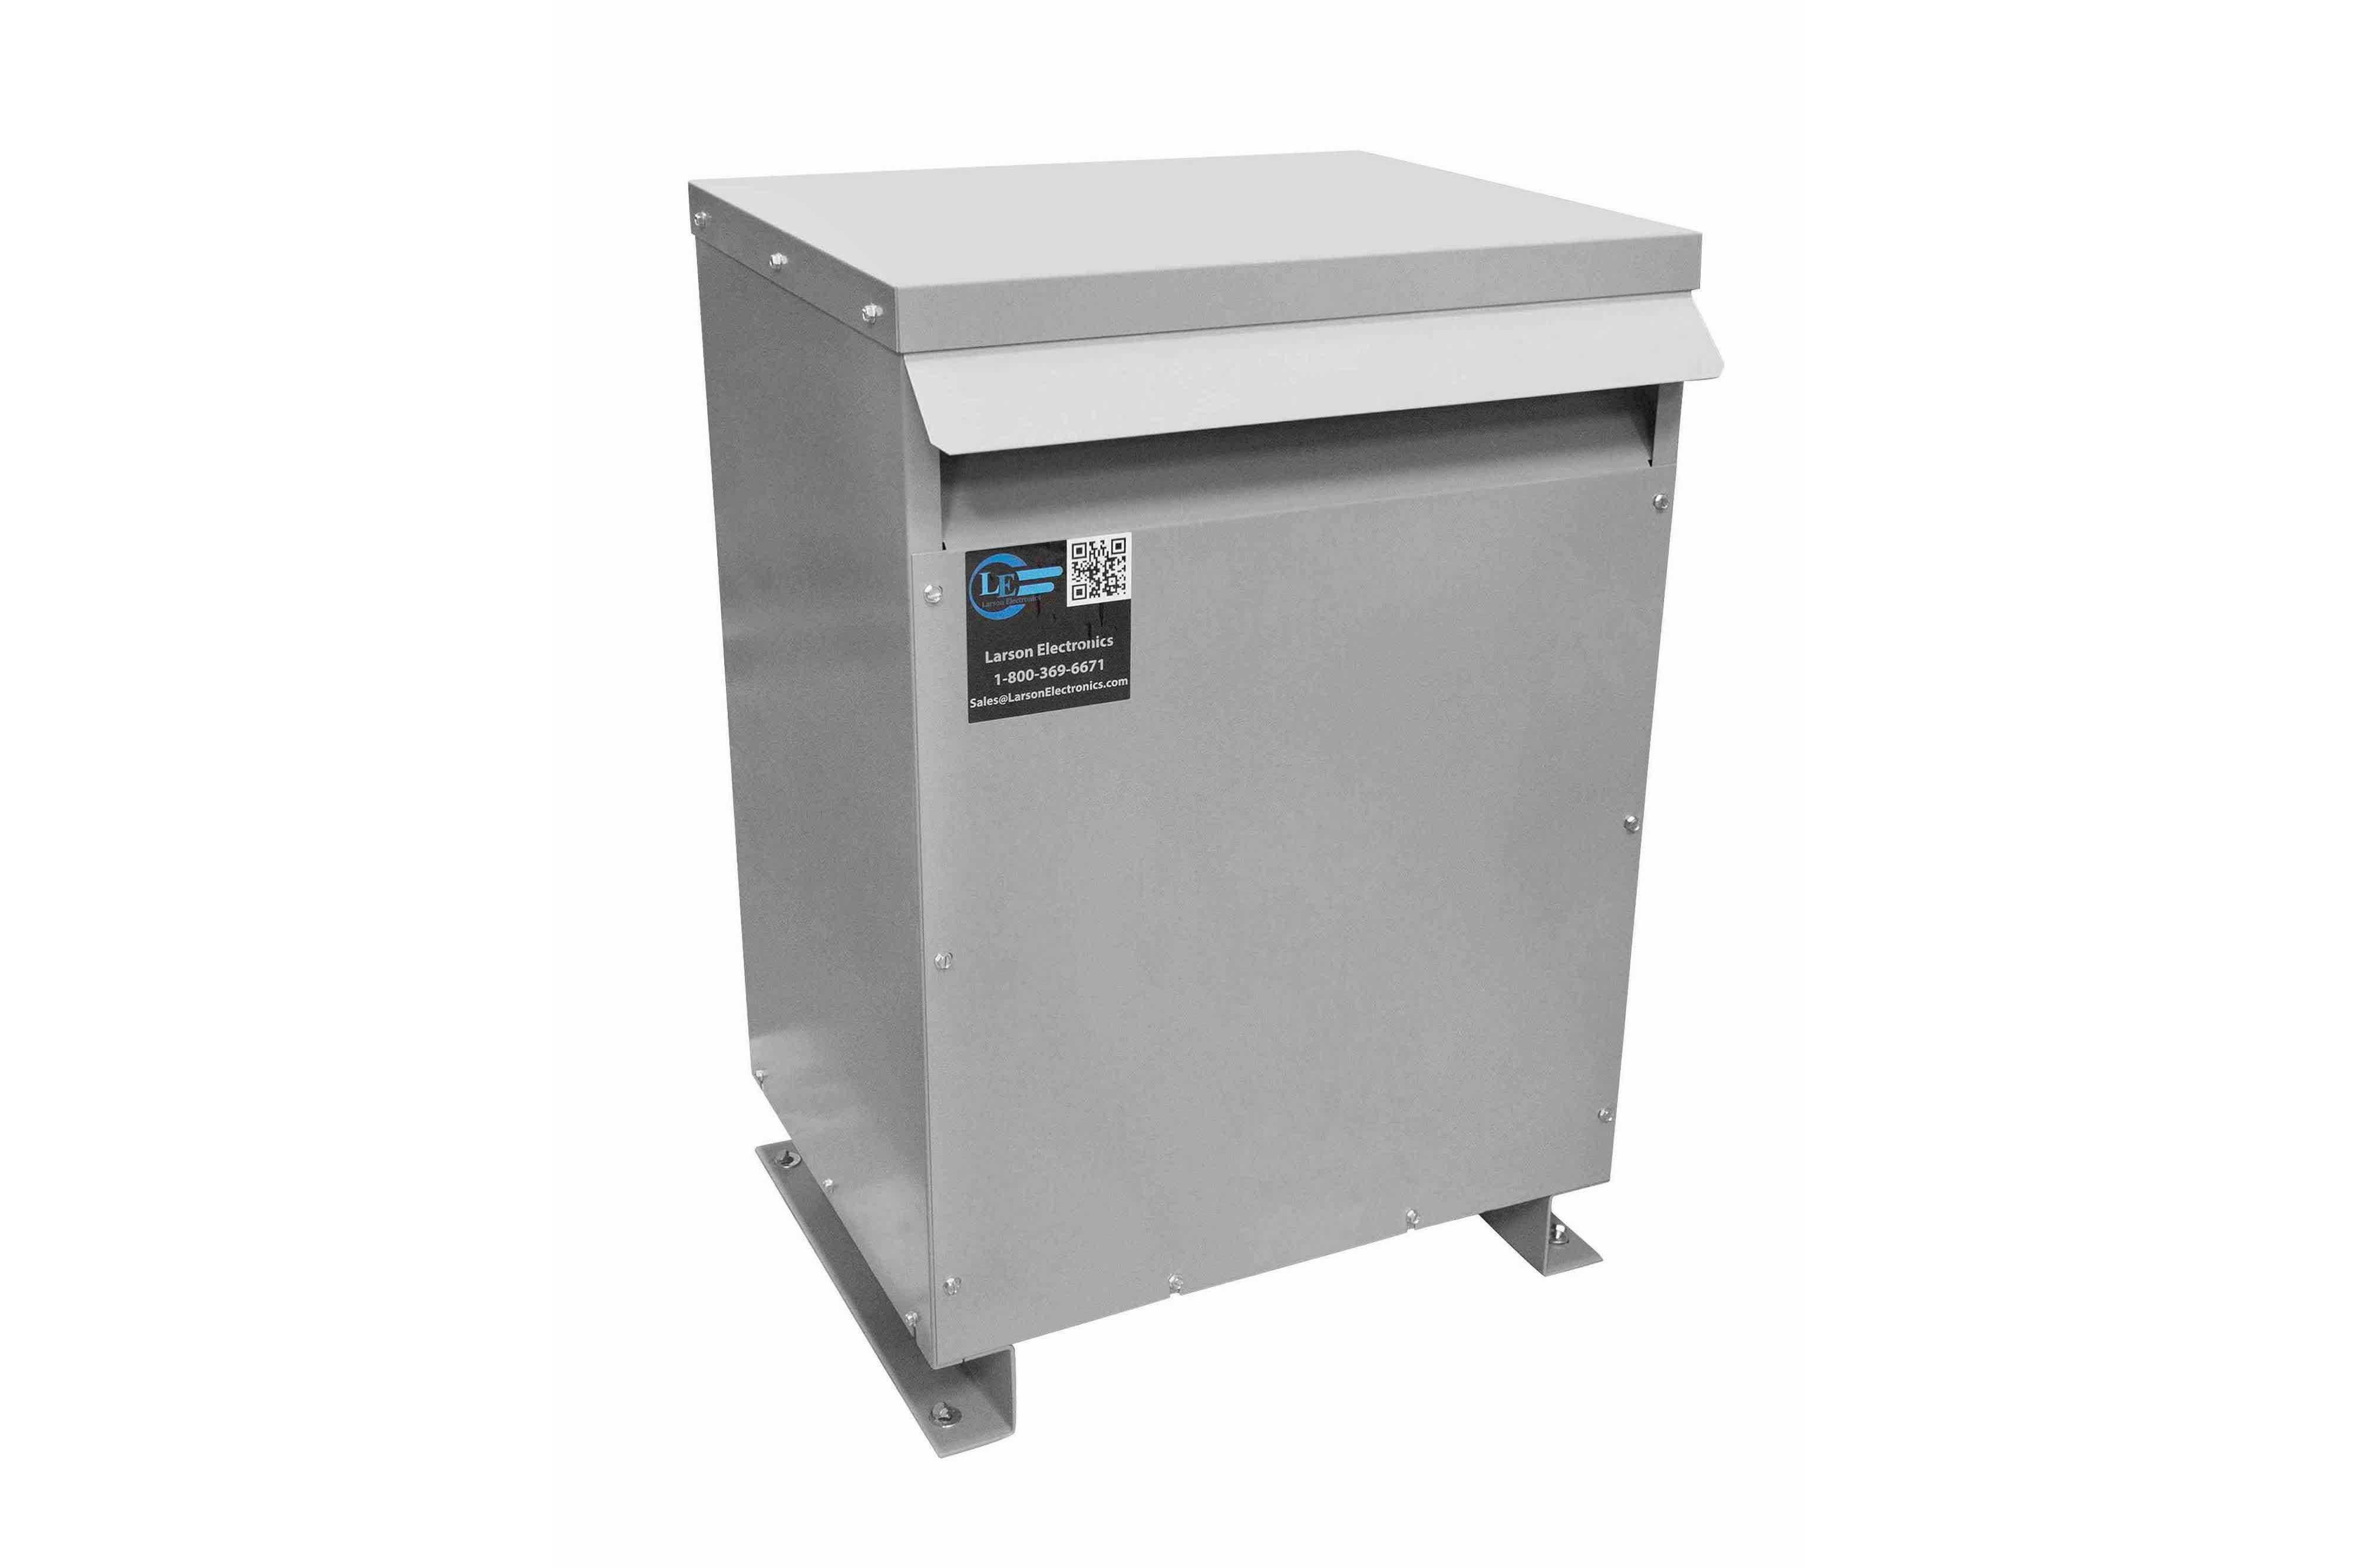 600 kVA 3PH Isolation Transformer, 575V Delta Primary, 415V Delta Secondary, N3R, Ventilated, 60 Hz